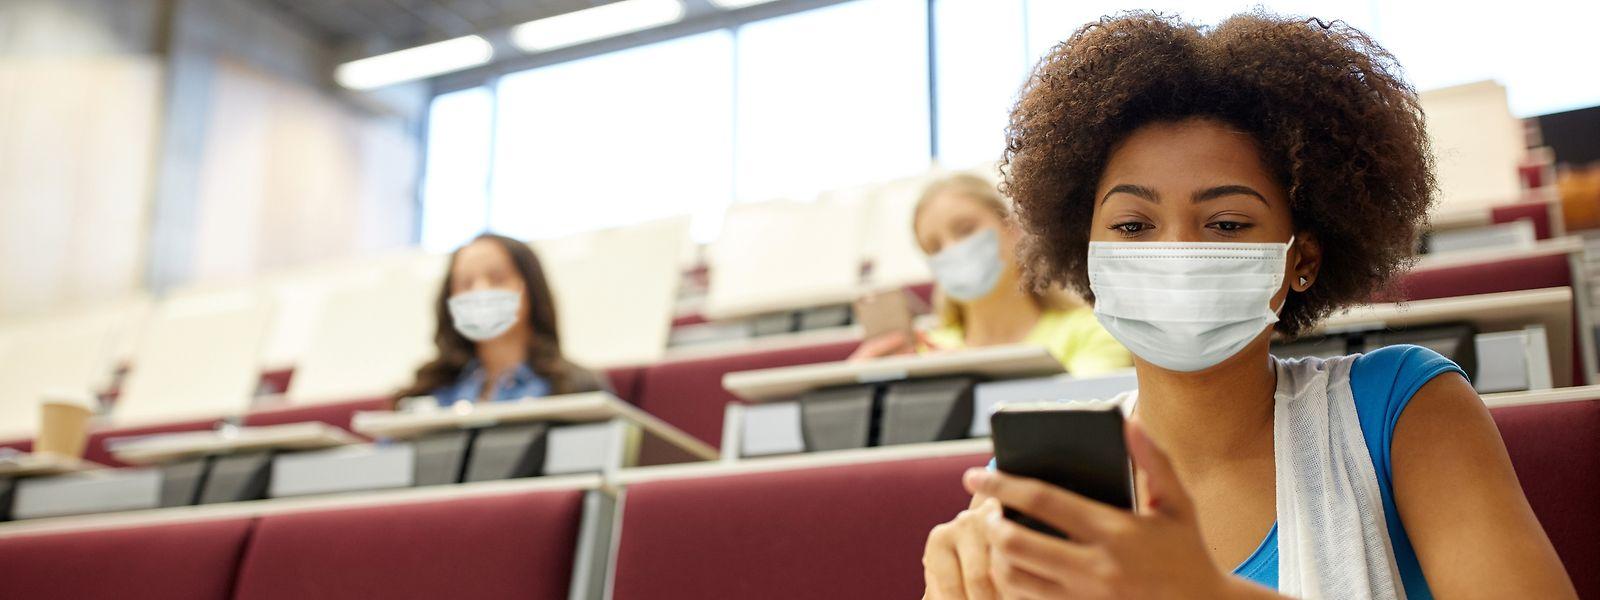 Quel sera l'impact de la rentrée universitaire sur le virus en Belgique?